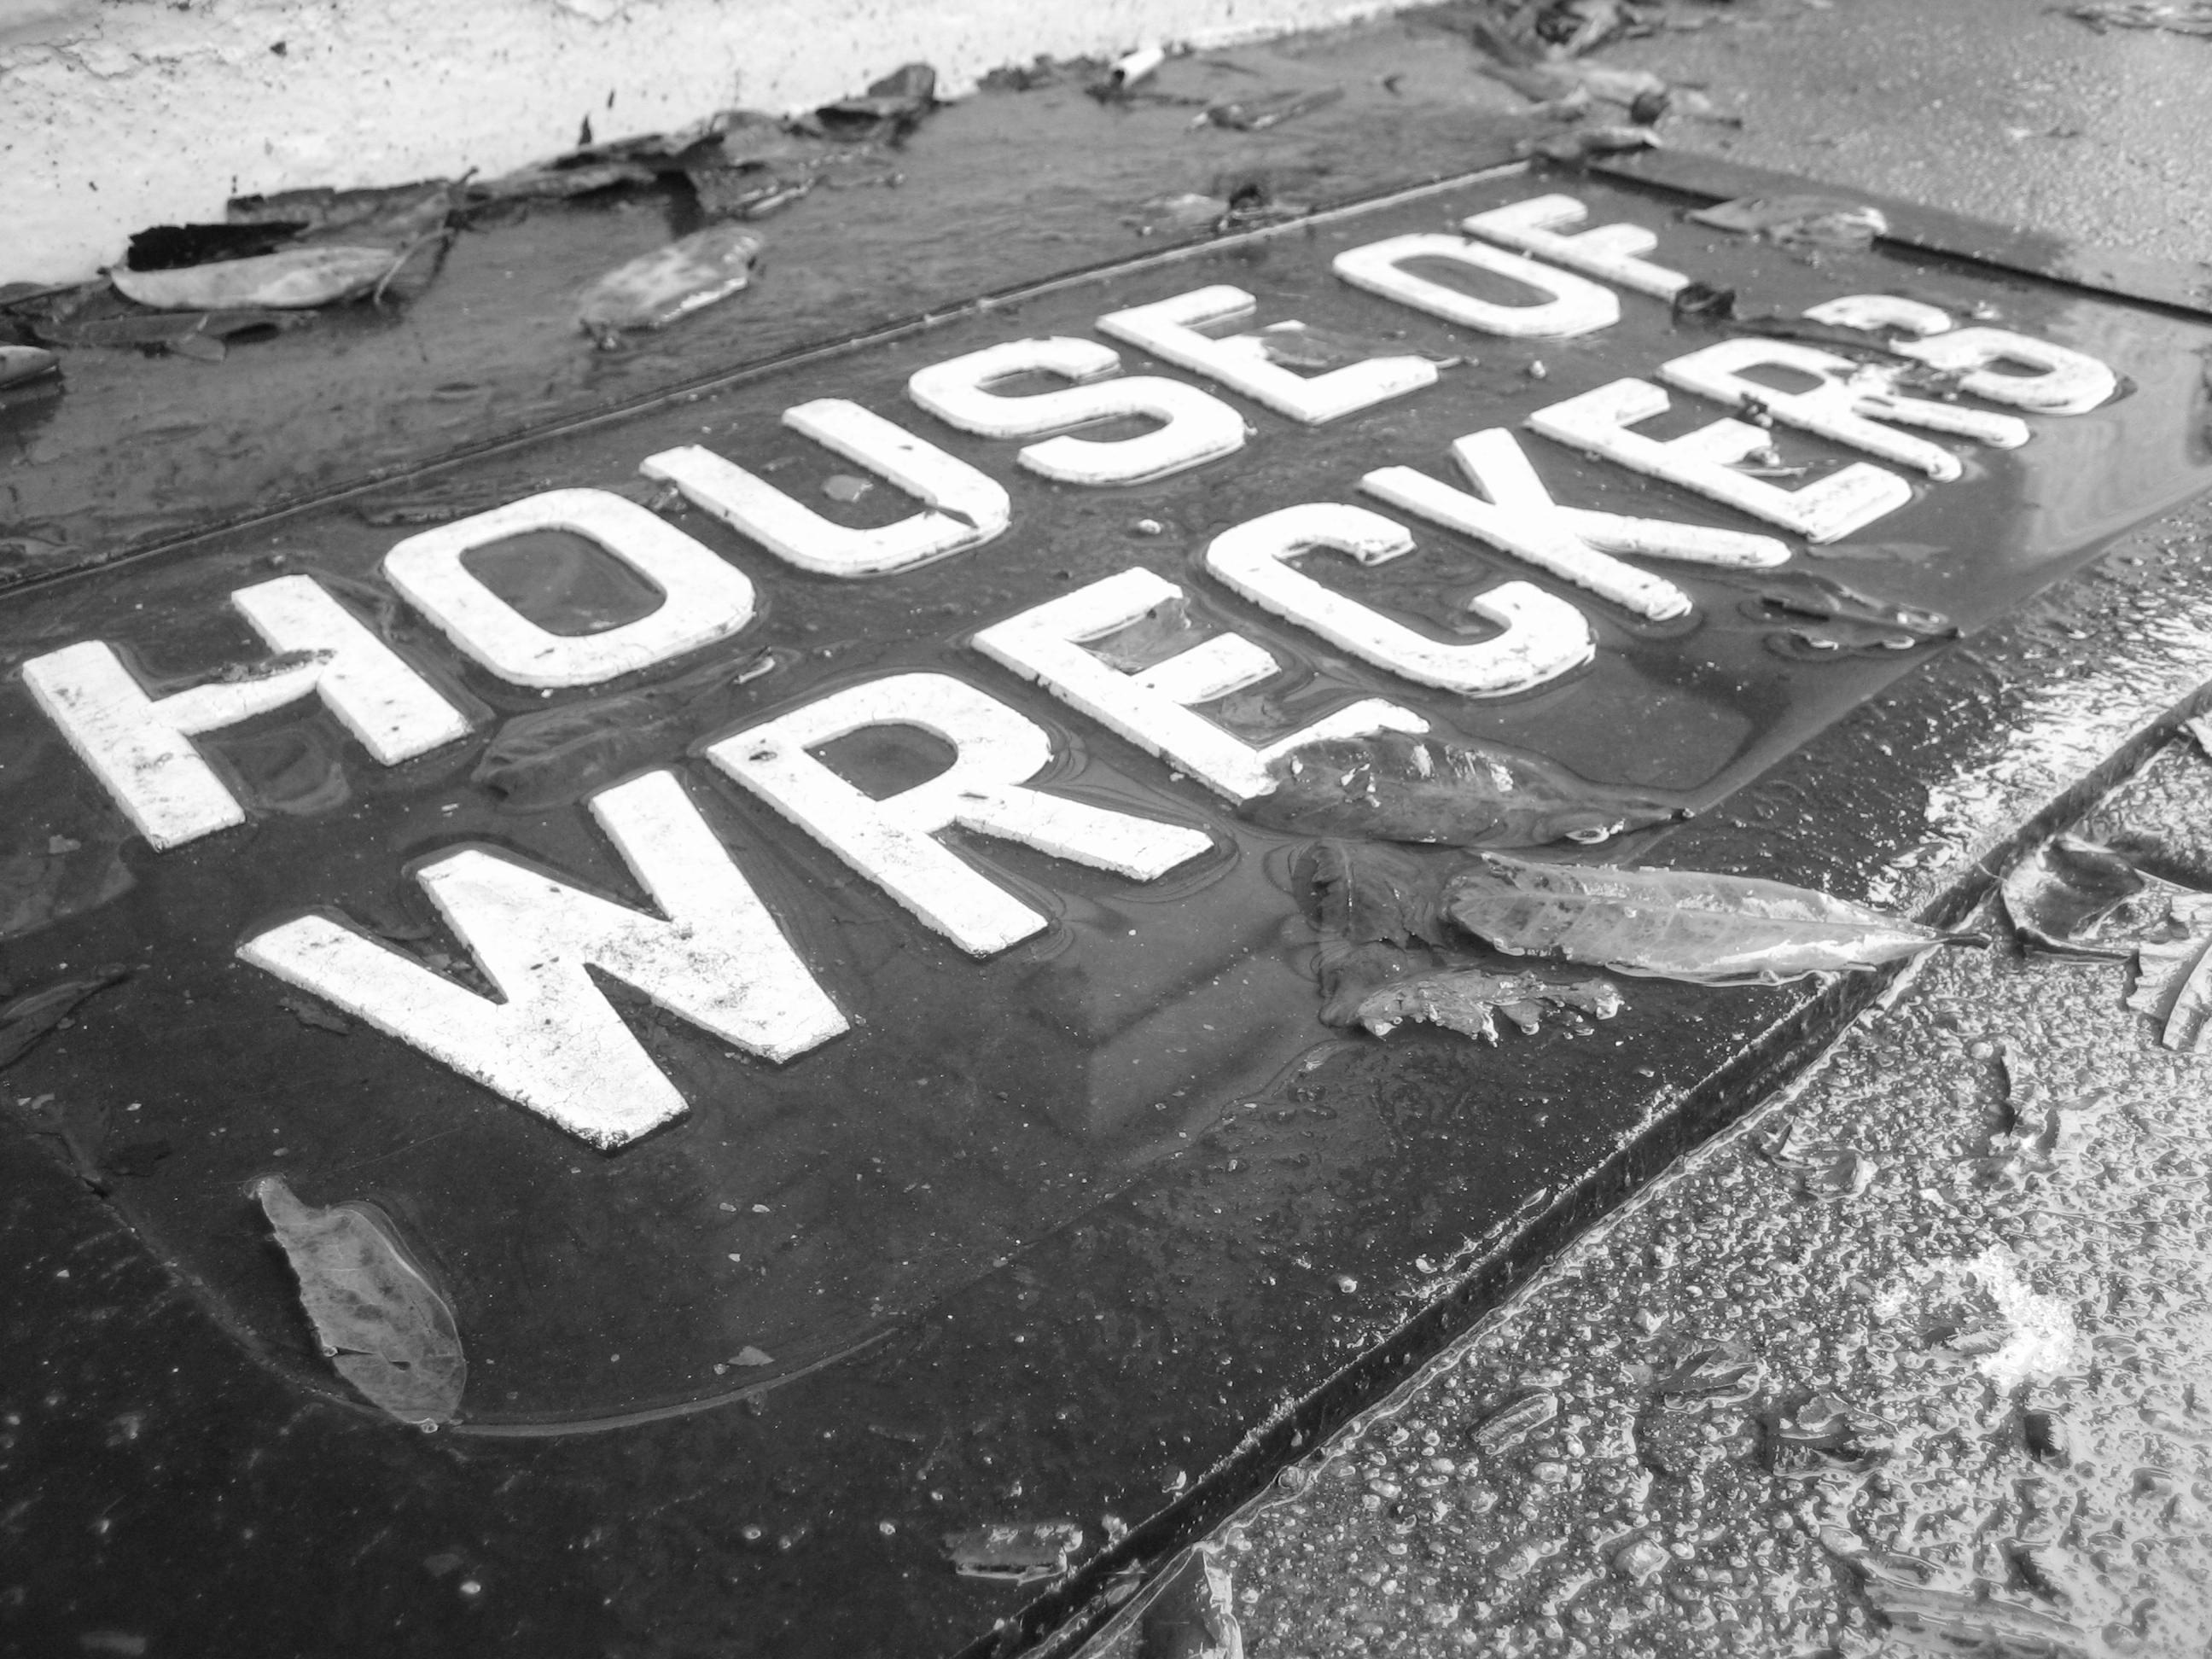 Zewnętrzne sposoby na zabezpieczanie domu przed wilgocią